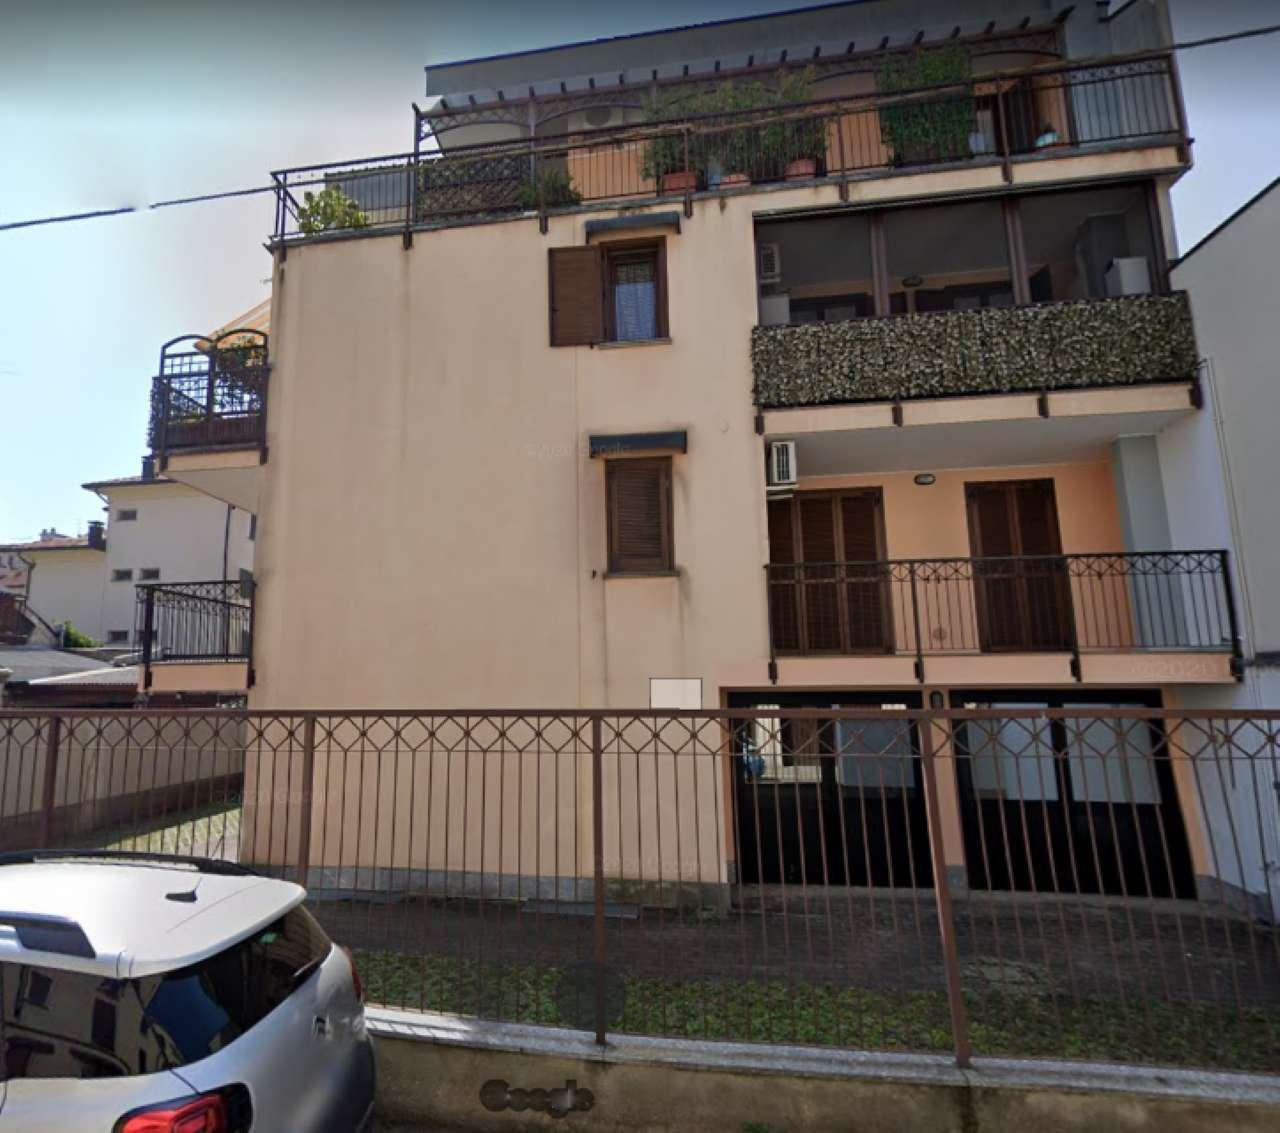 Ufficio / Studio in affitto a Abbiategrasso, 6 locali, prezzo € 1.500   PortaleAgenzieImmobiliari.it